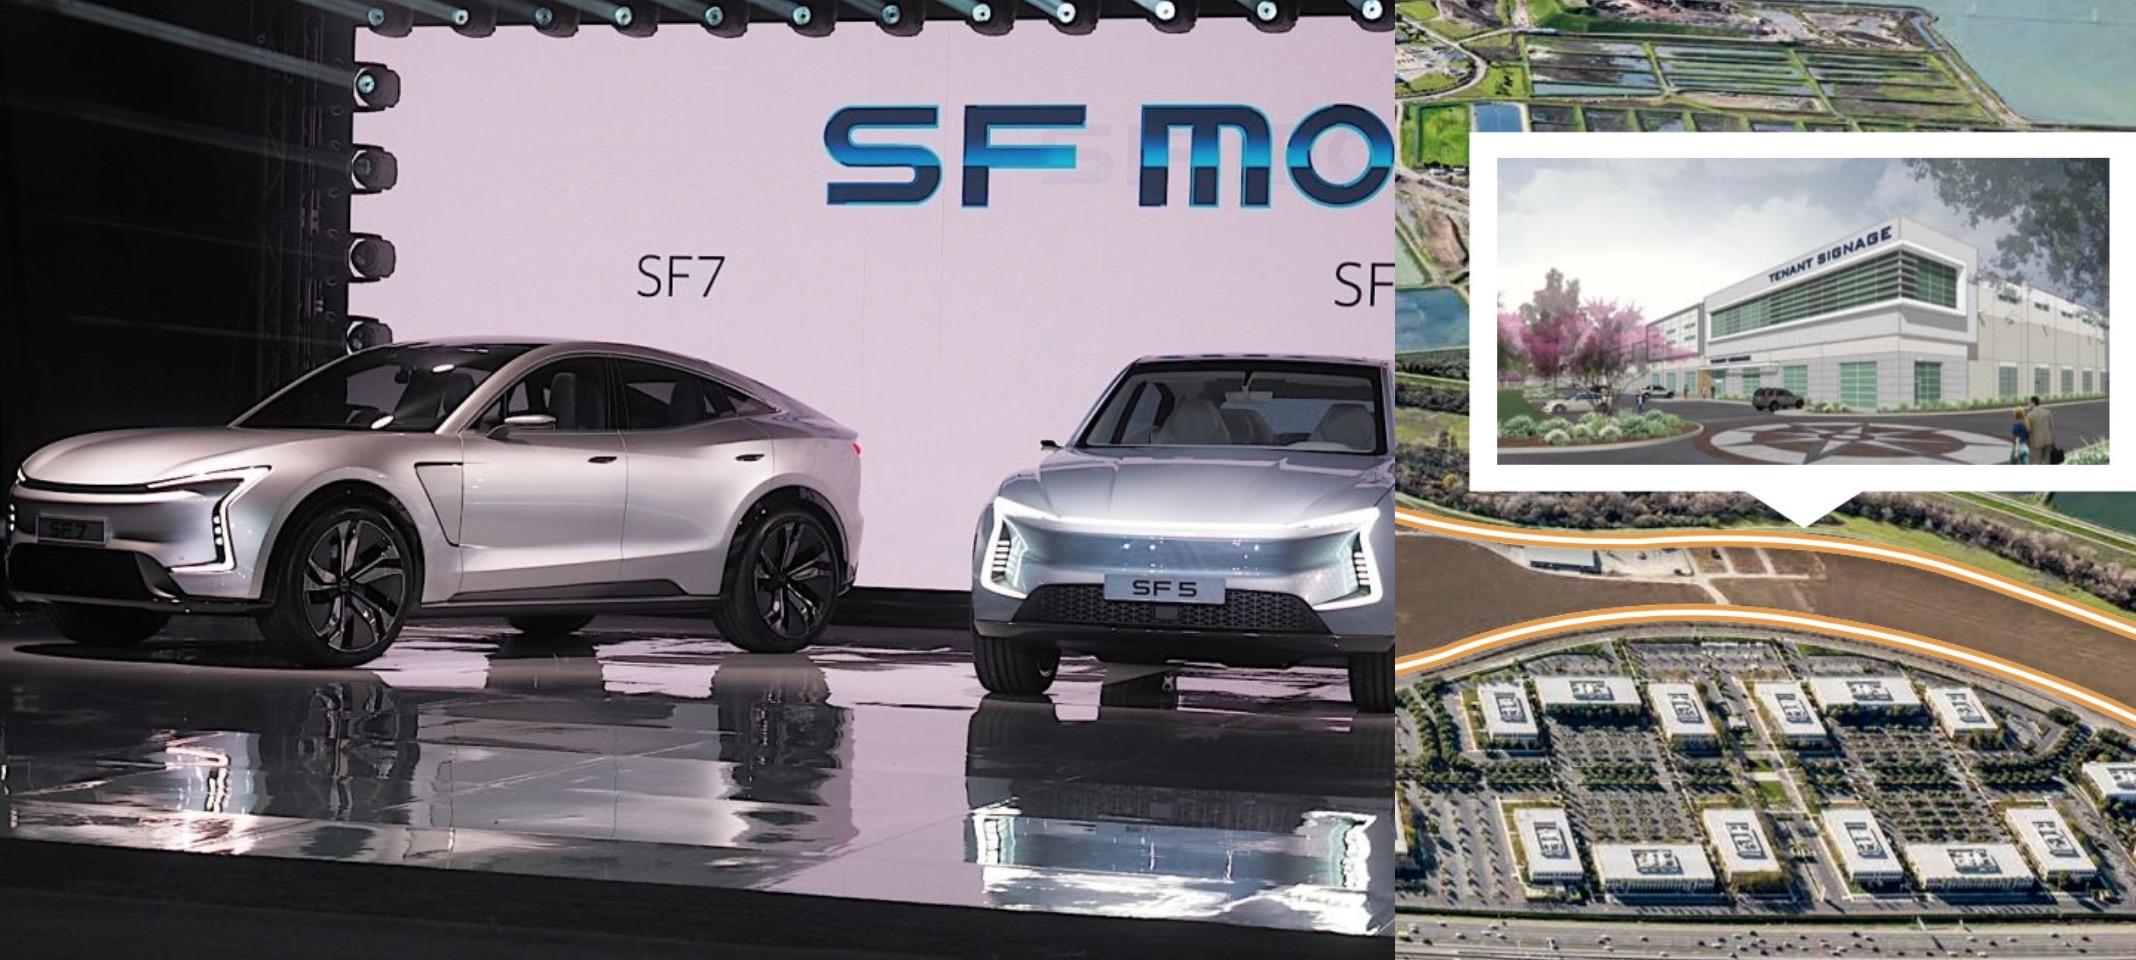 SF Motors New R&D Facility